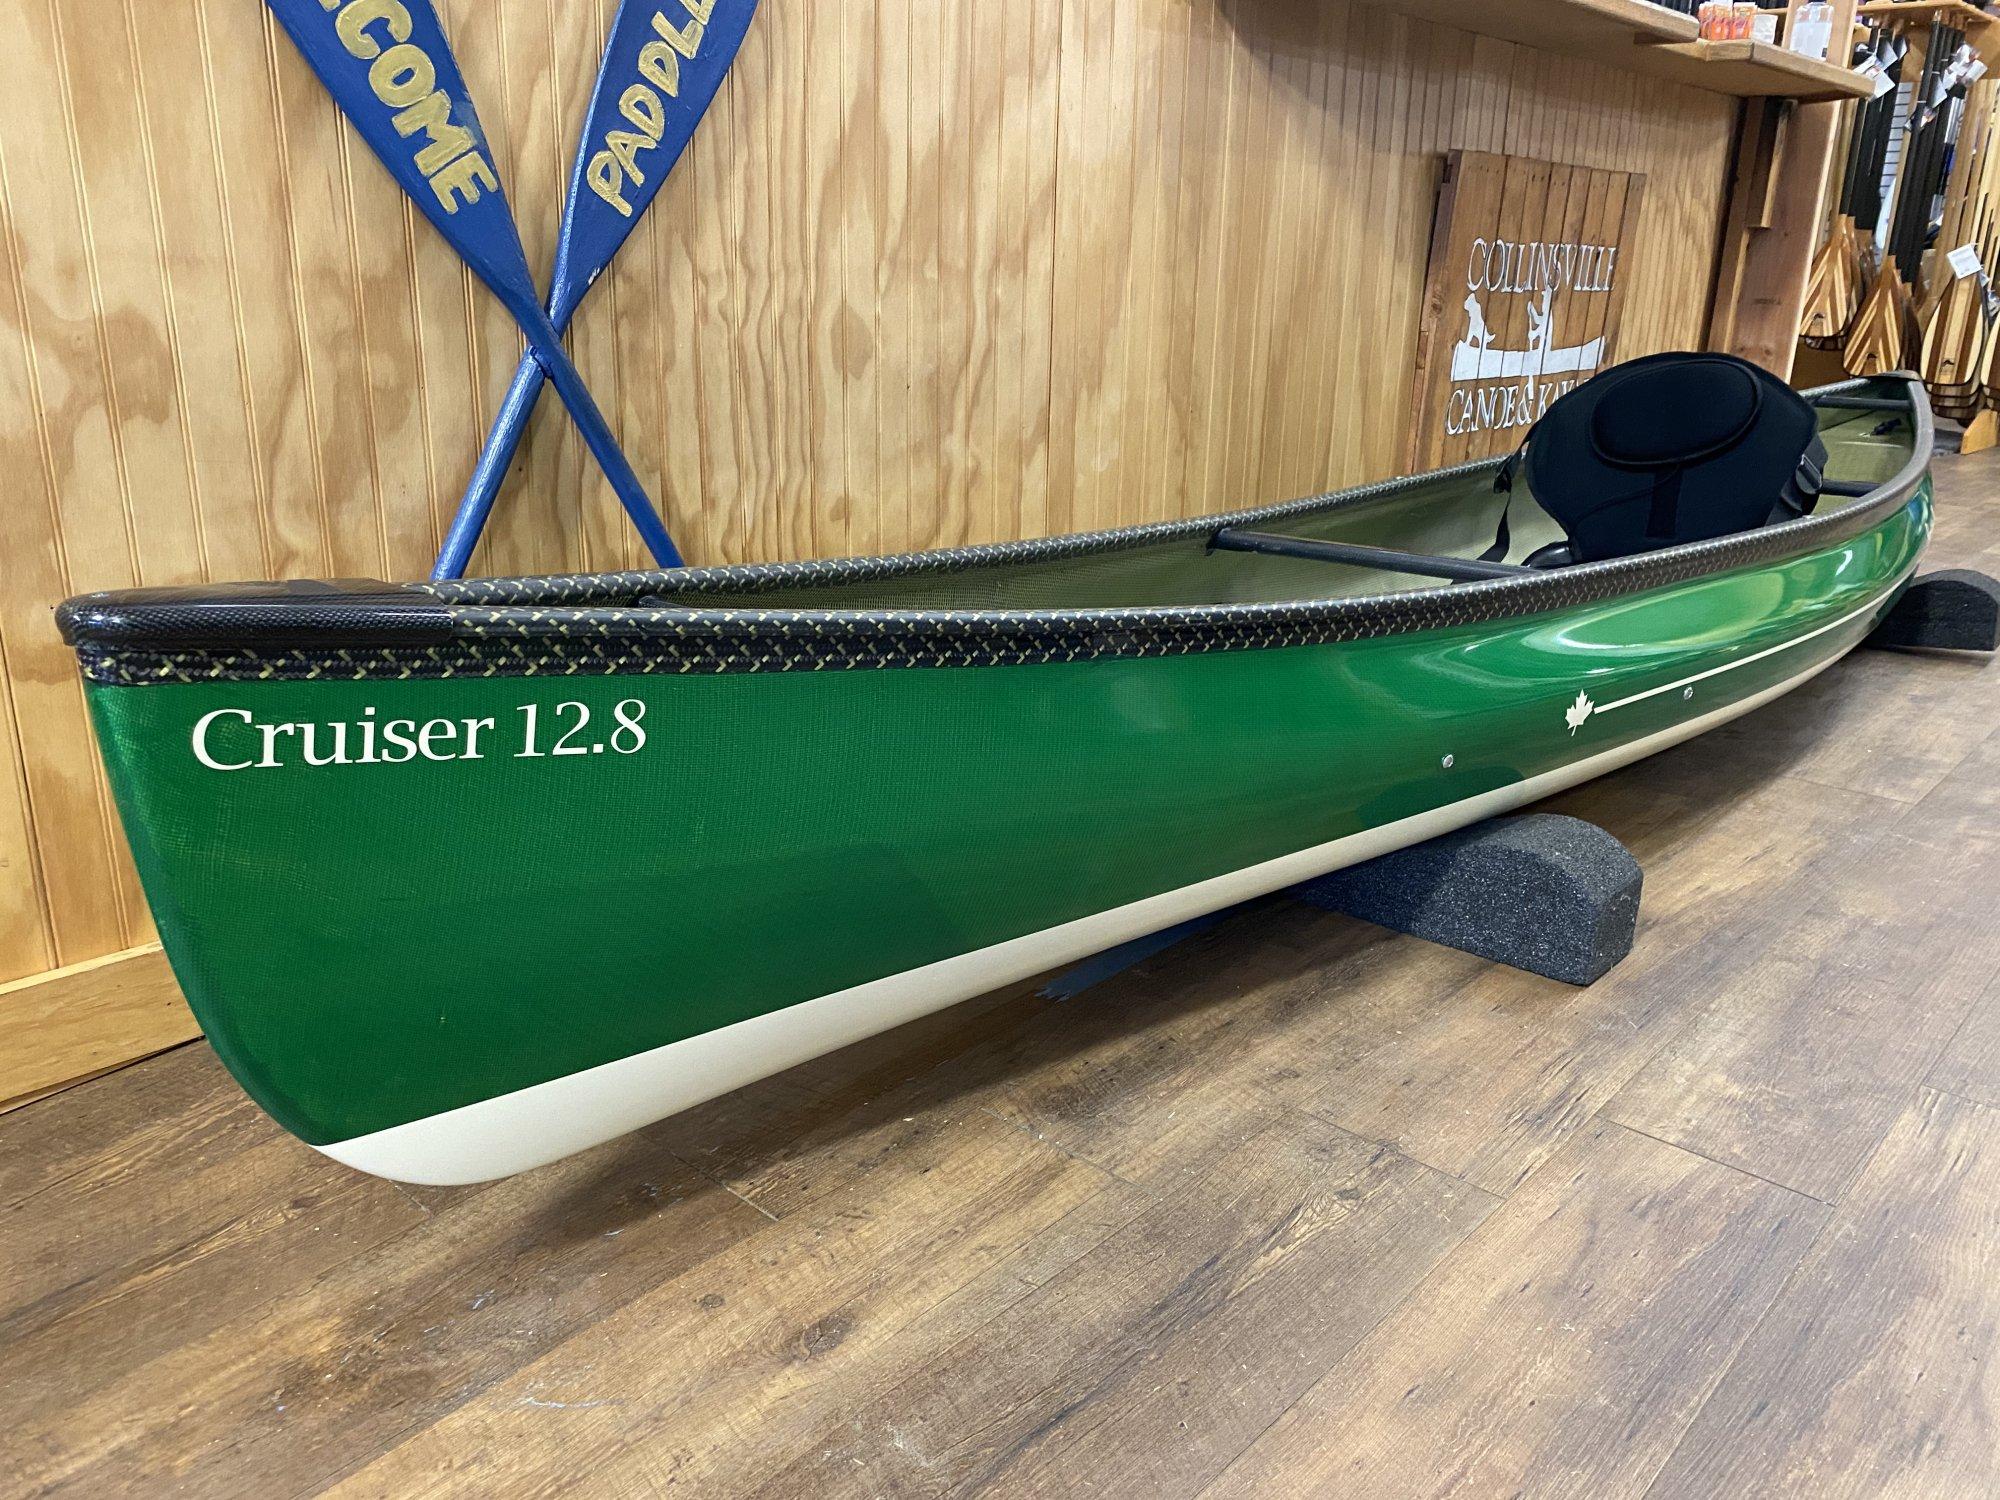 Swift Cruiser 12.8